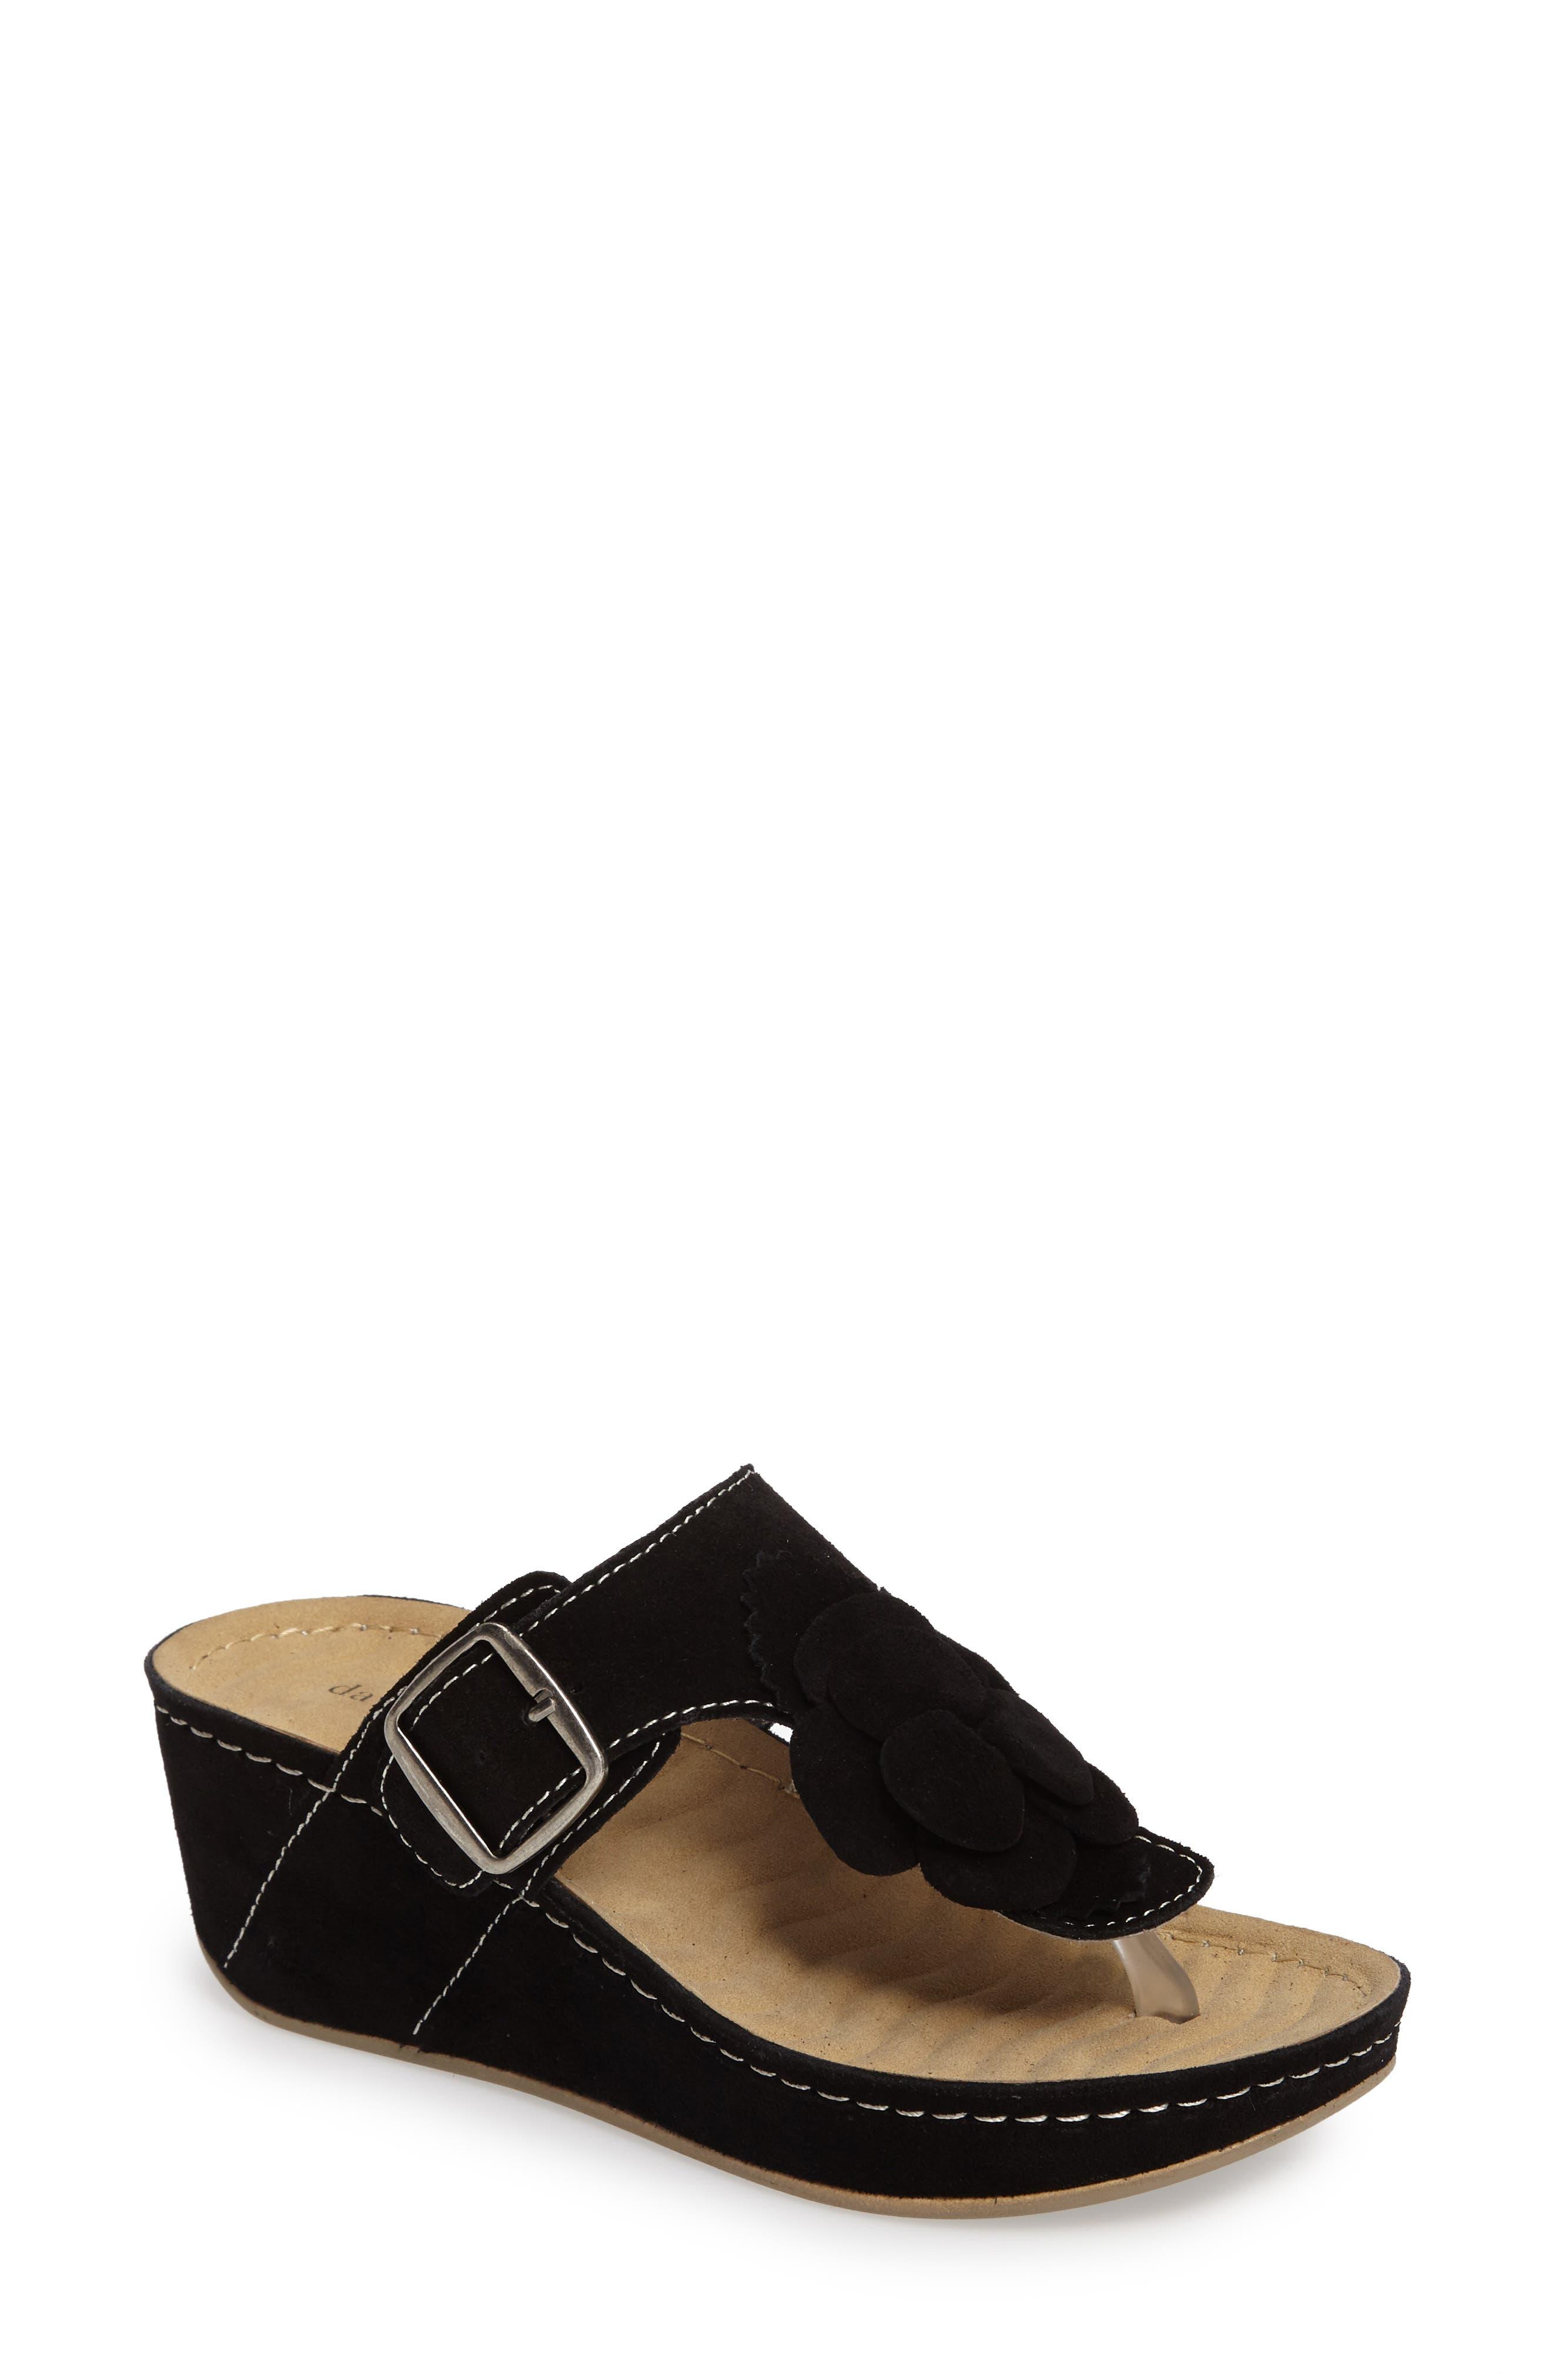 Main Image - David Tate Spring Platform Wedge Sandal (Women)